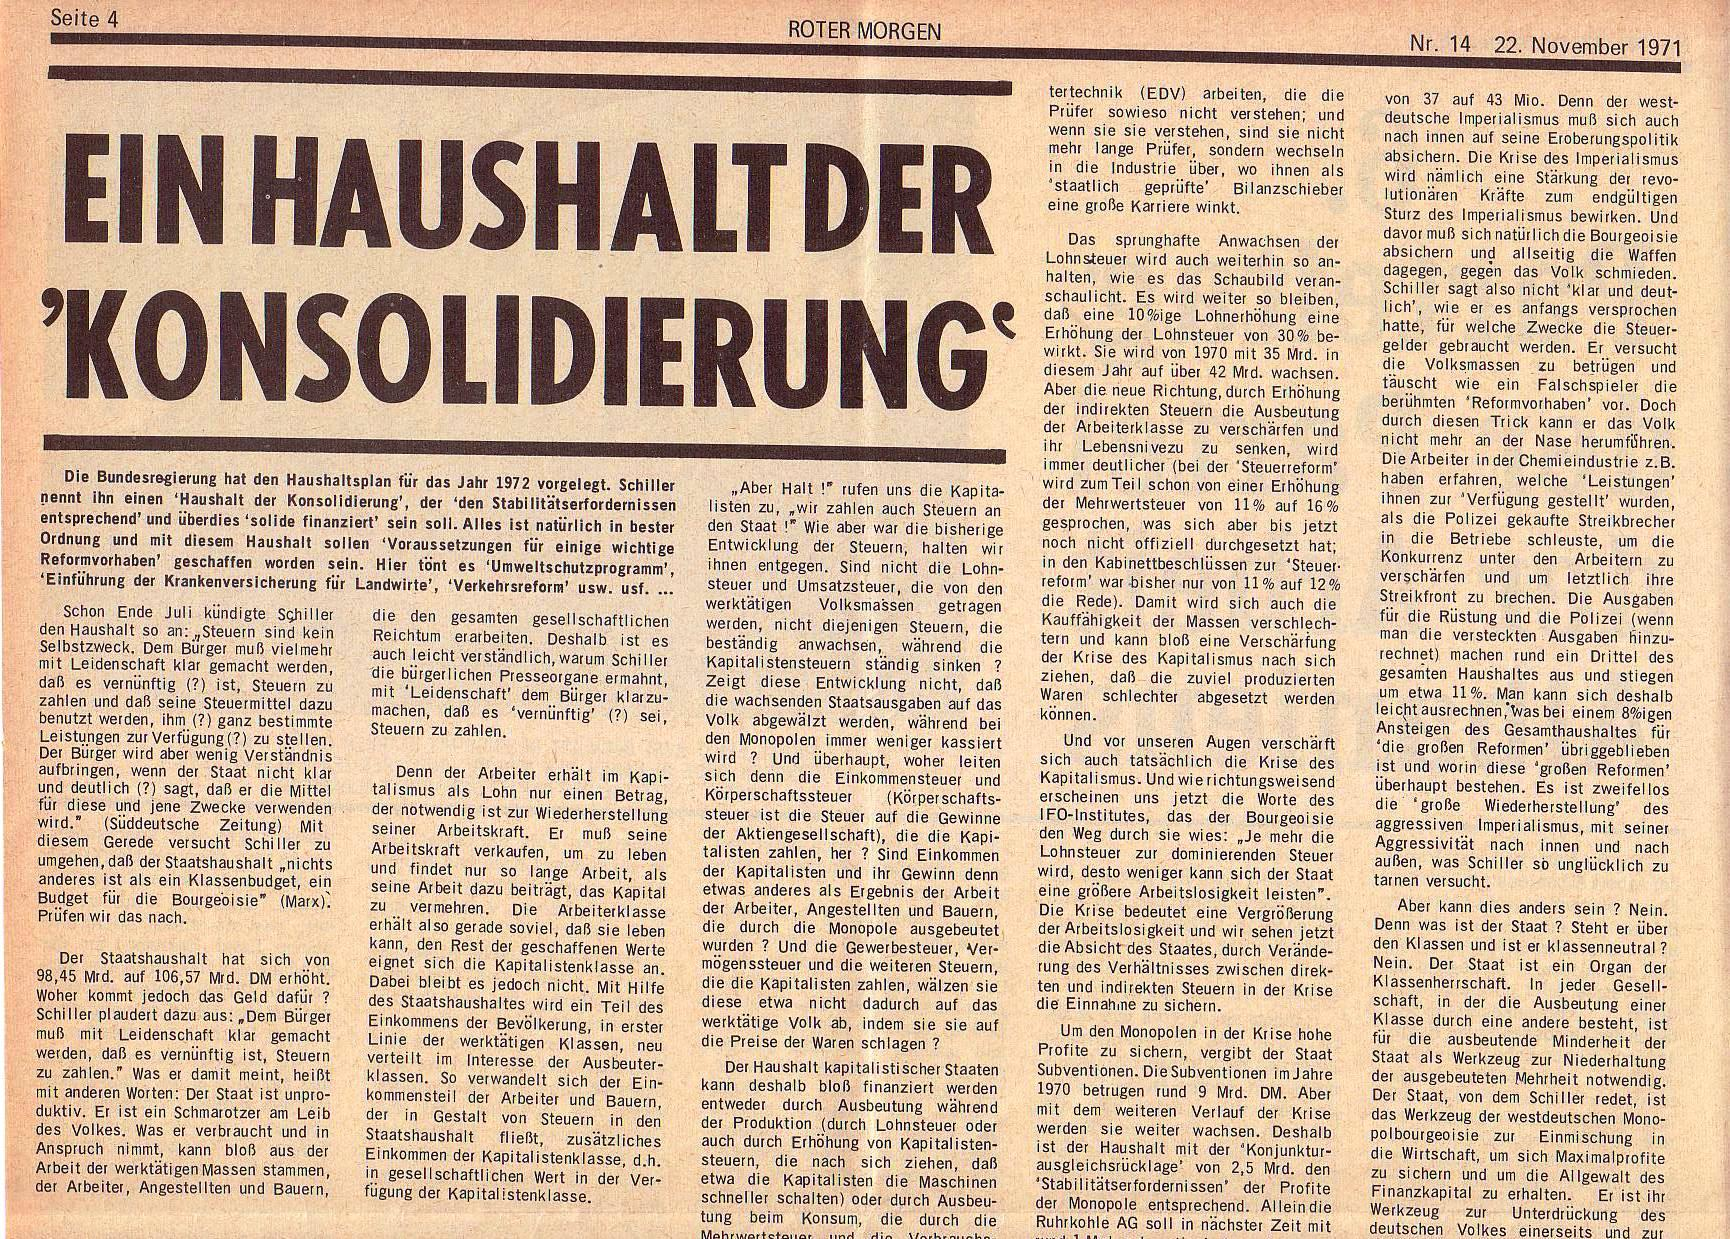 Roter Morgen, 5. Jg., 22. November 1971, Nr. 14, Seite 4a